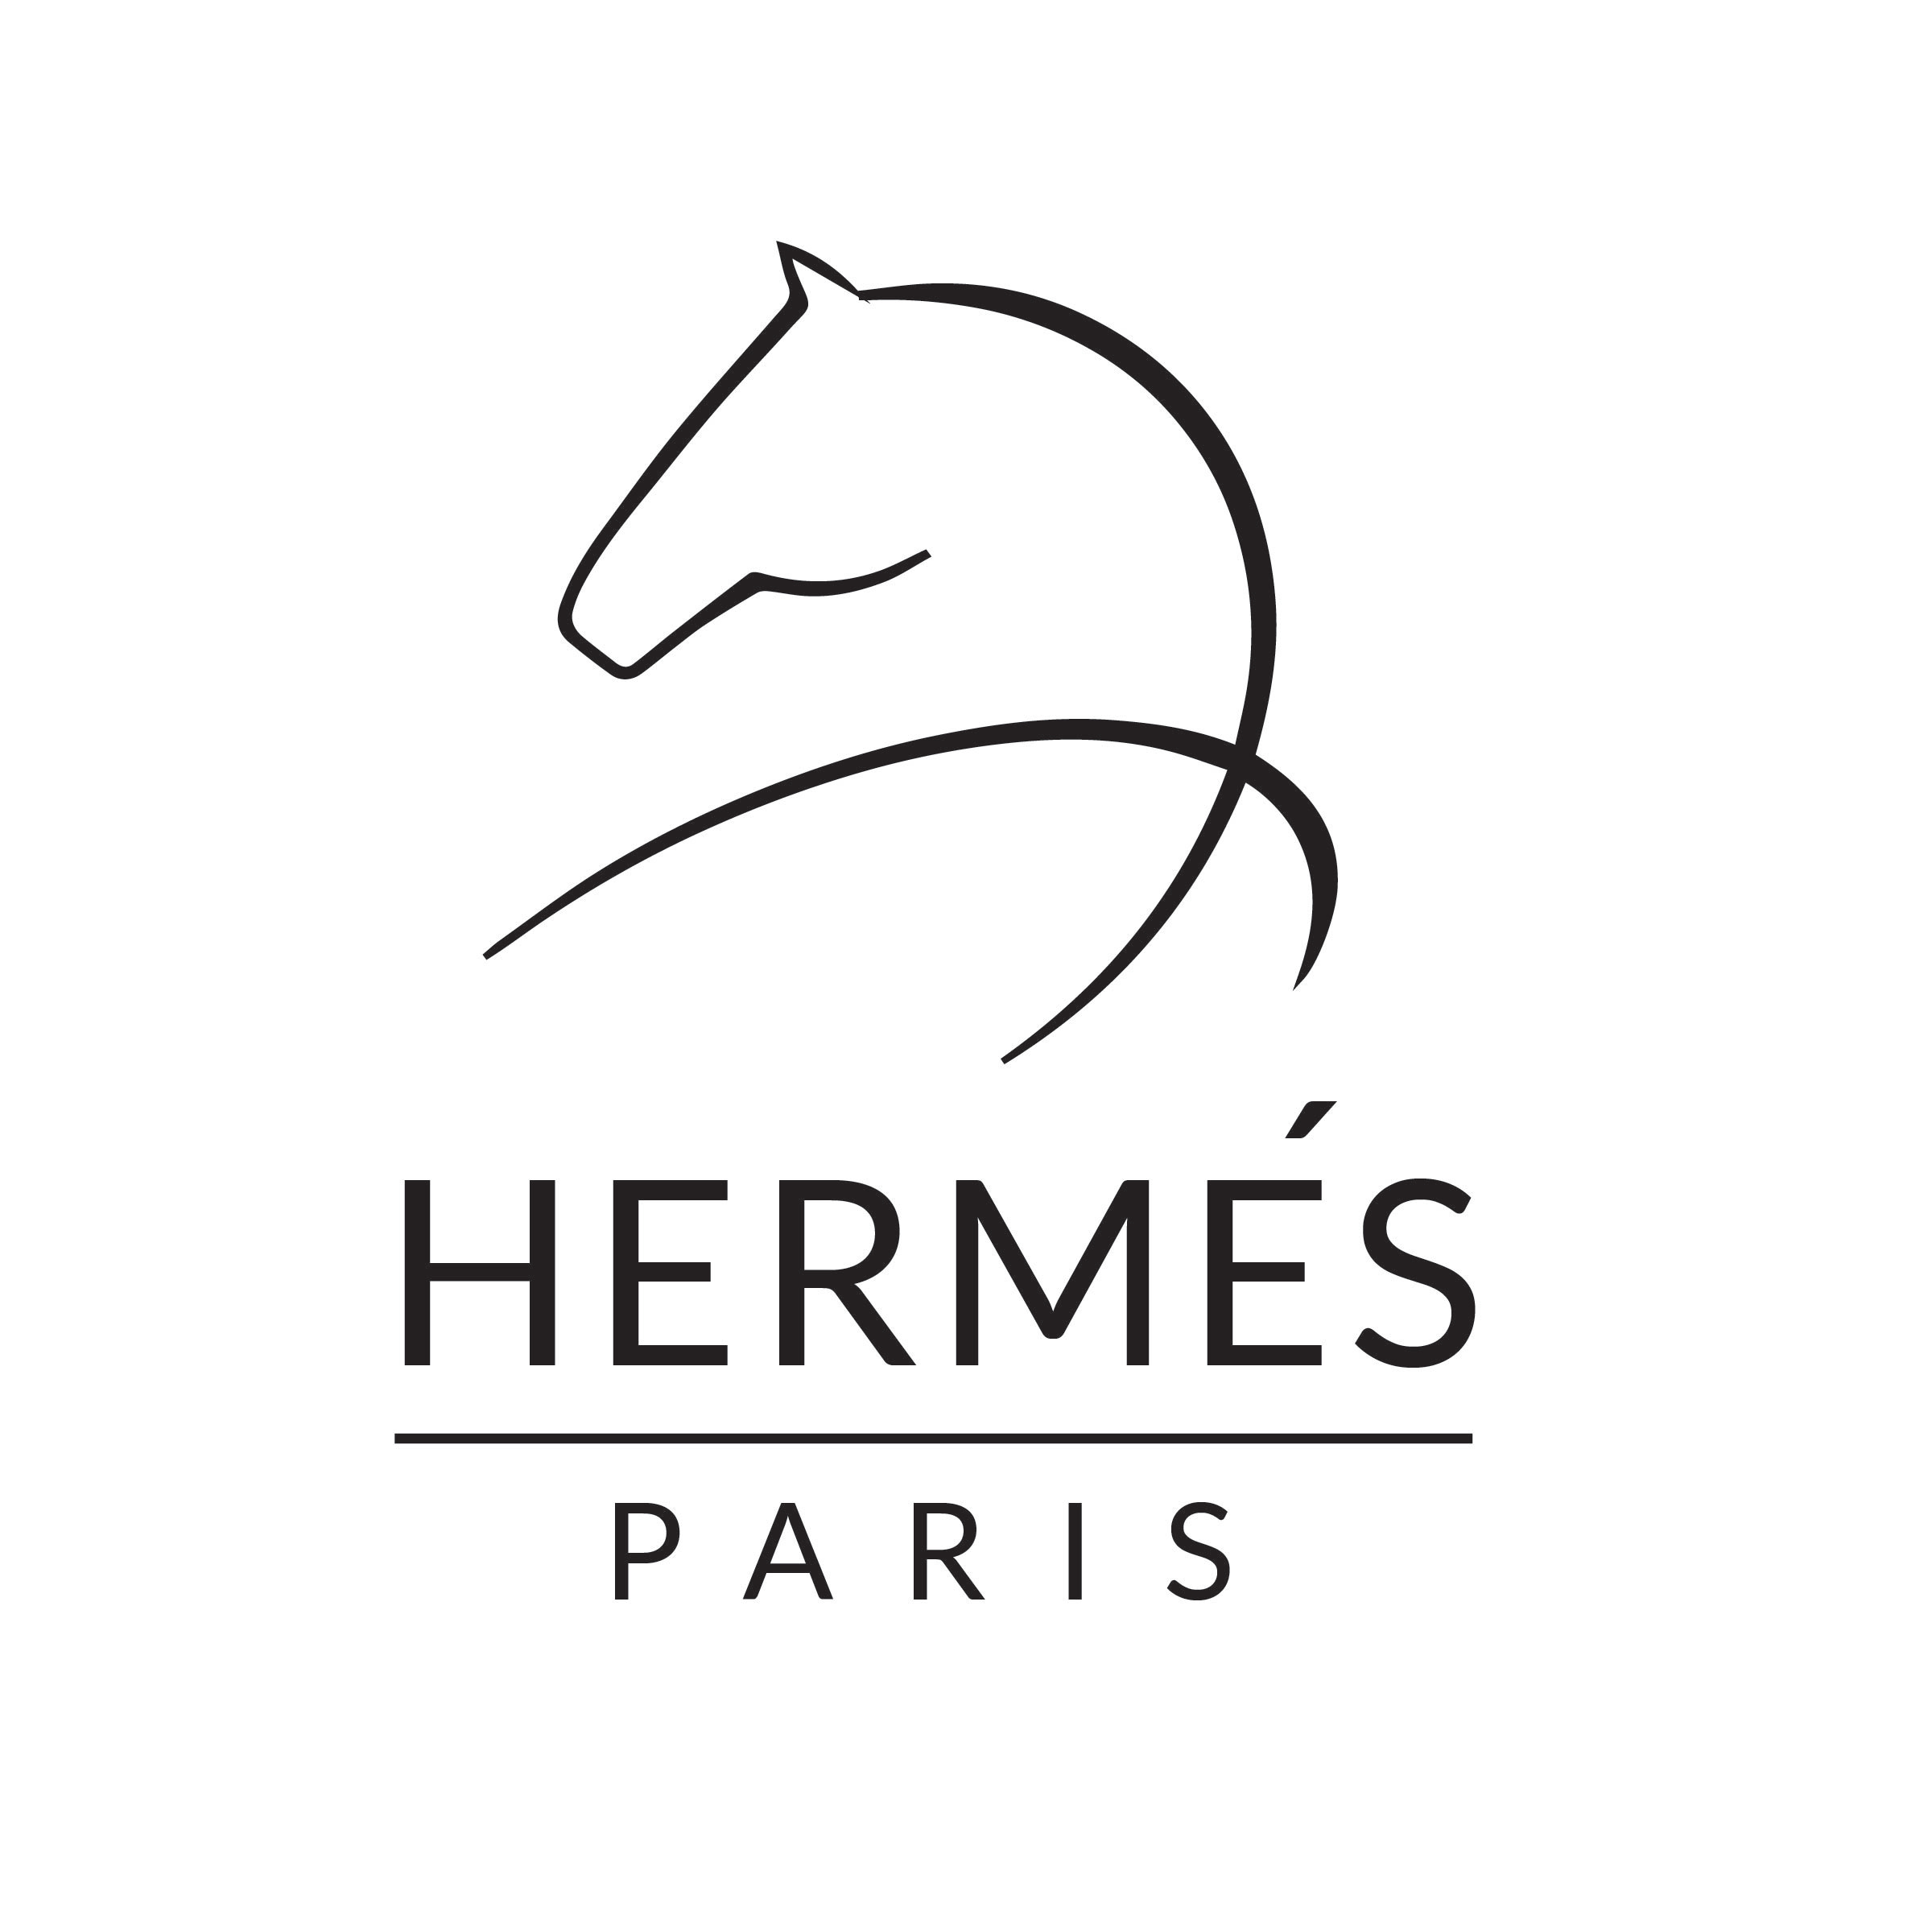 Hermés Paris Logo Redesign